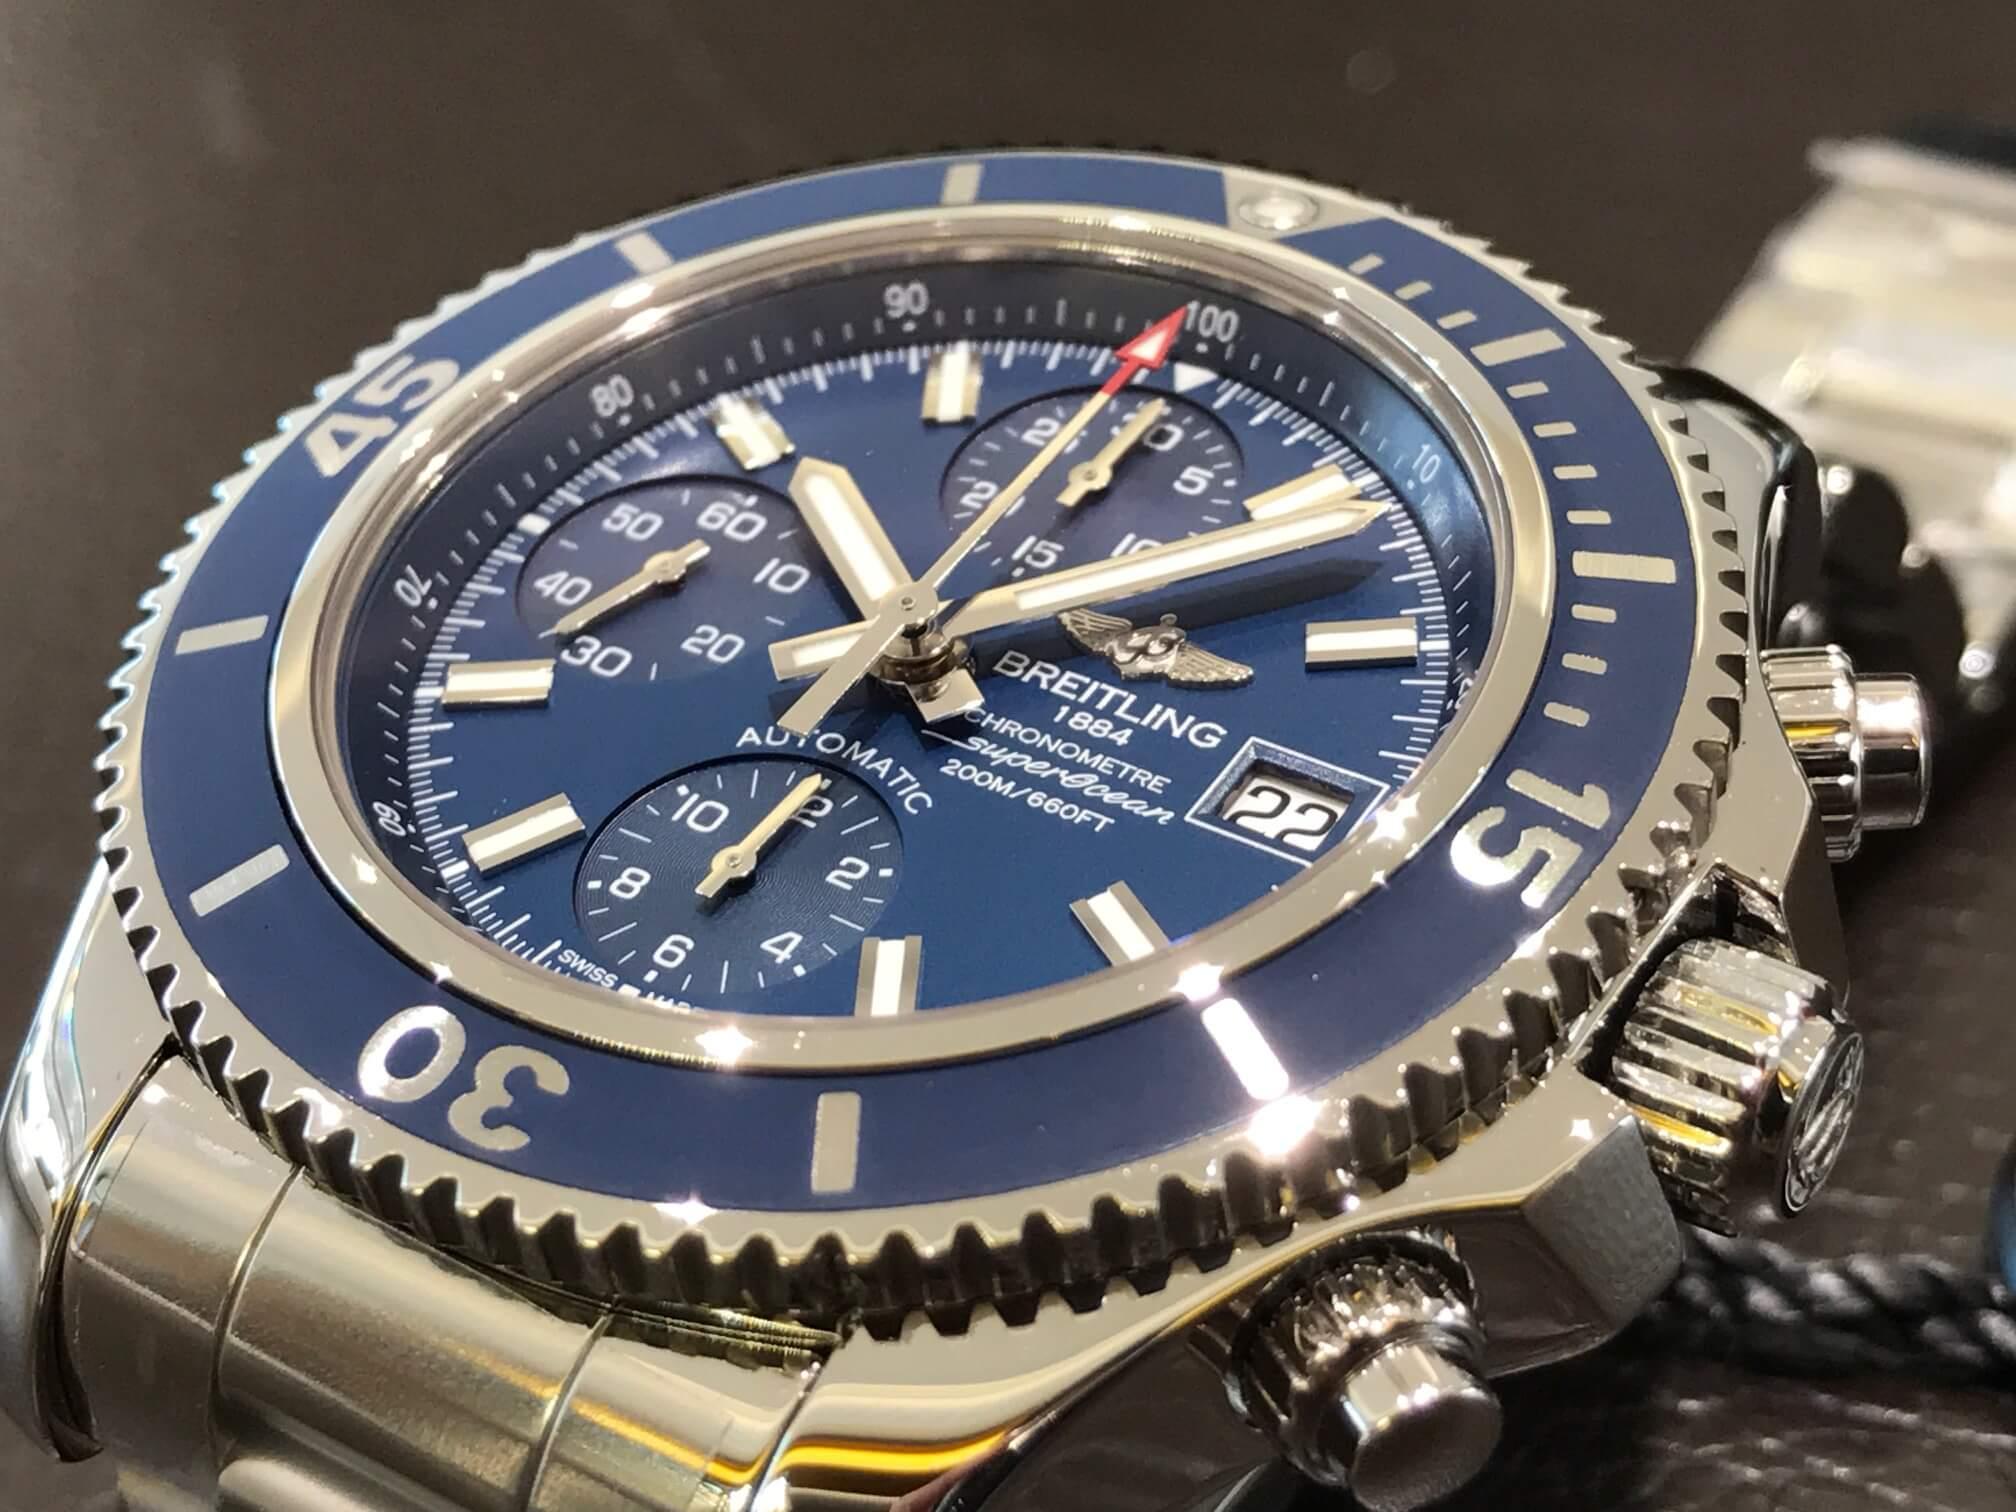 promo code 864bc 4aa85 スーパーオーシャンクロノグラフ42mm | 精光堂 -SEIKODO- 輸入 ...